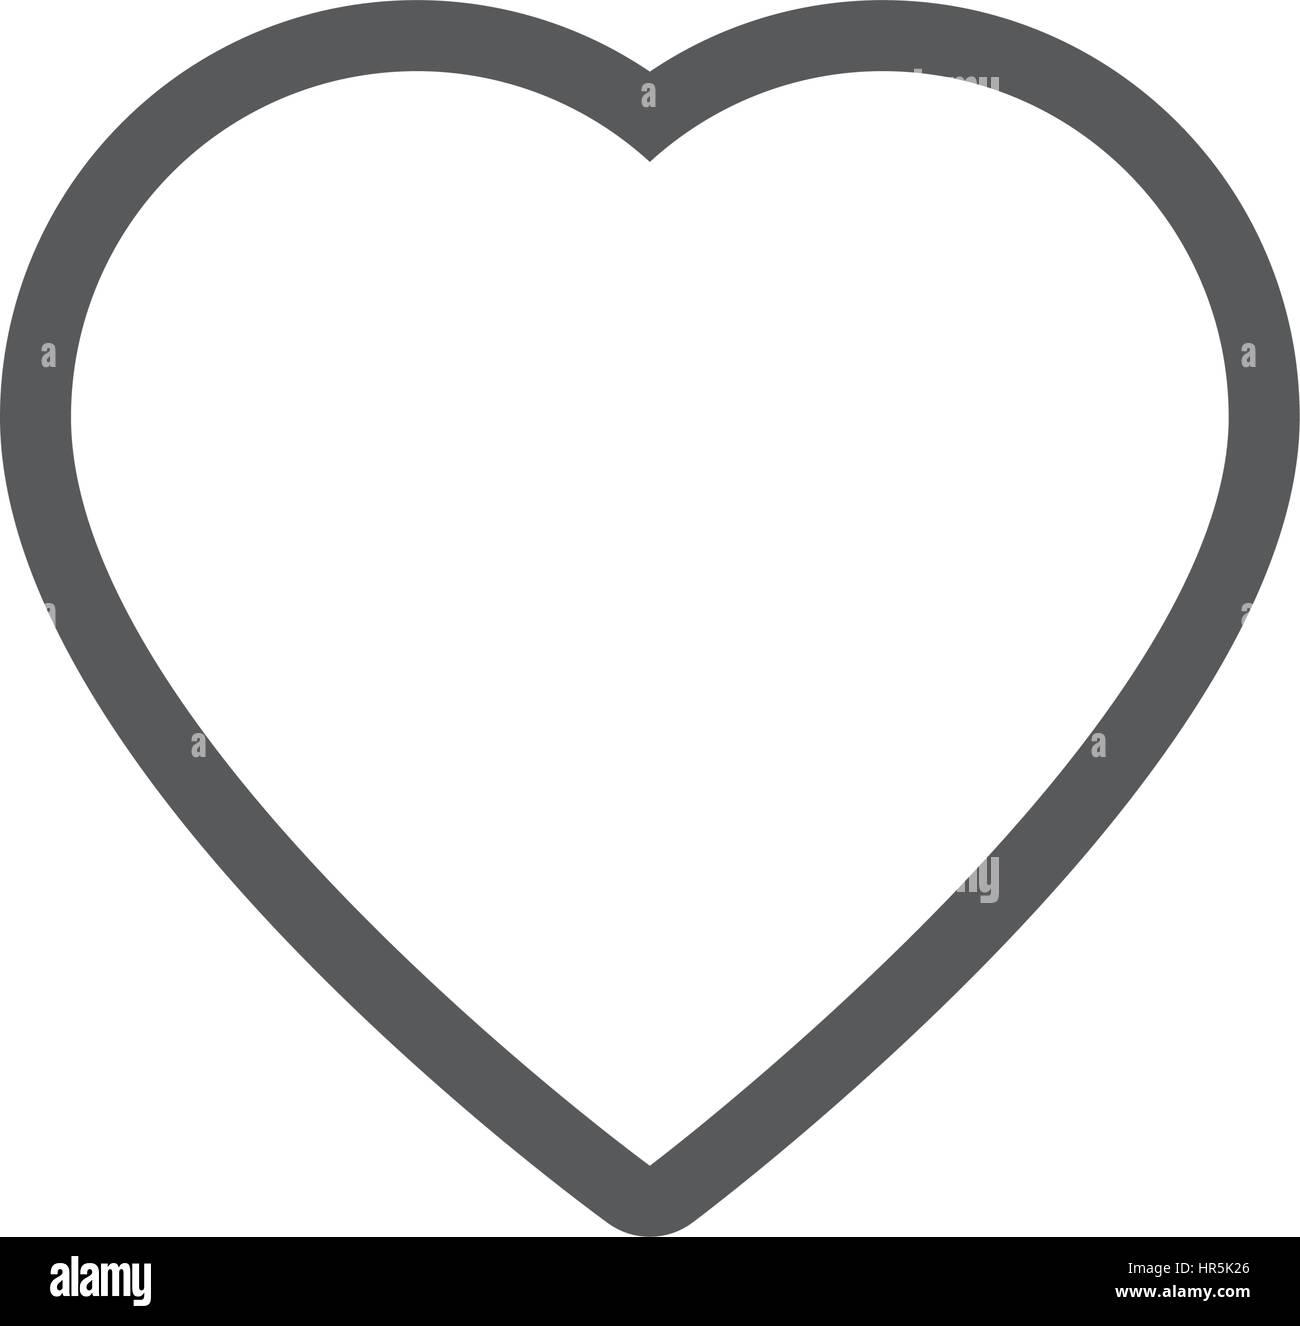 Graustufen-Kontur mit Herz-Symbol Stockbild